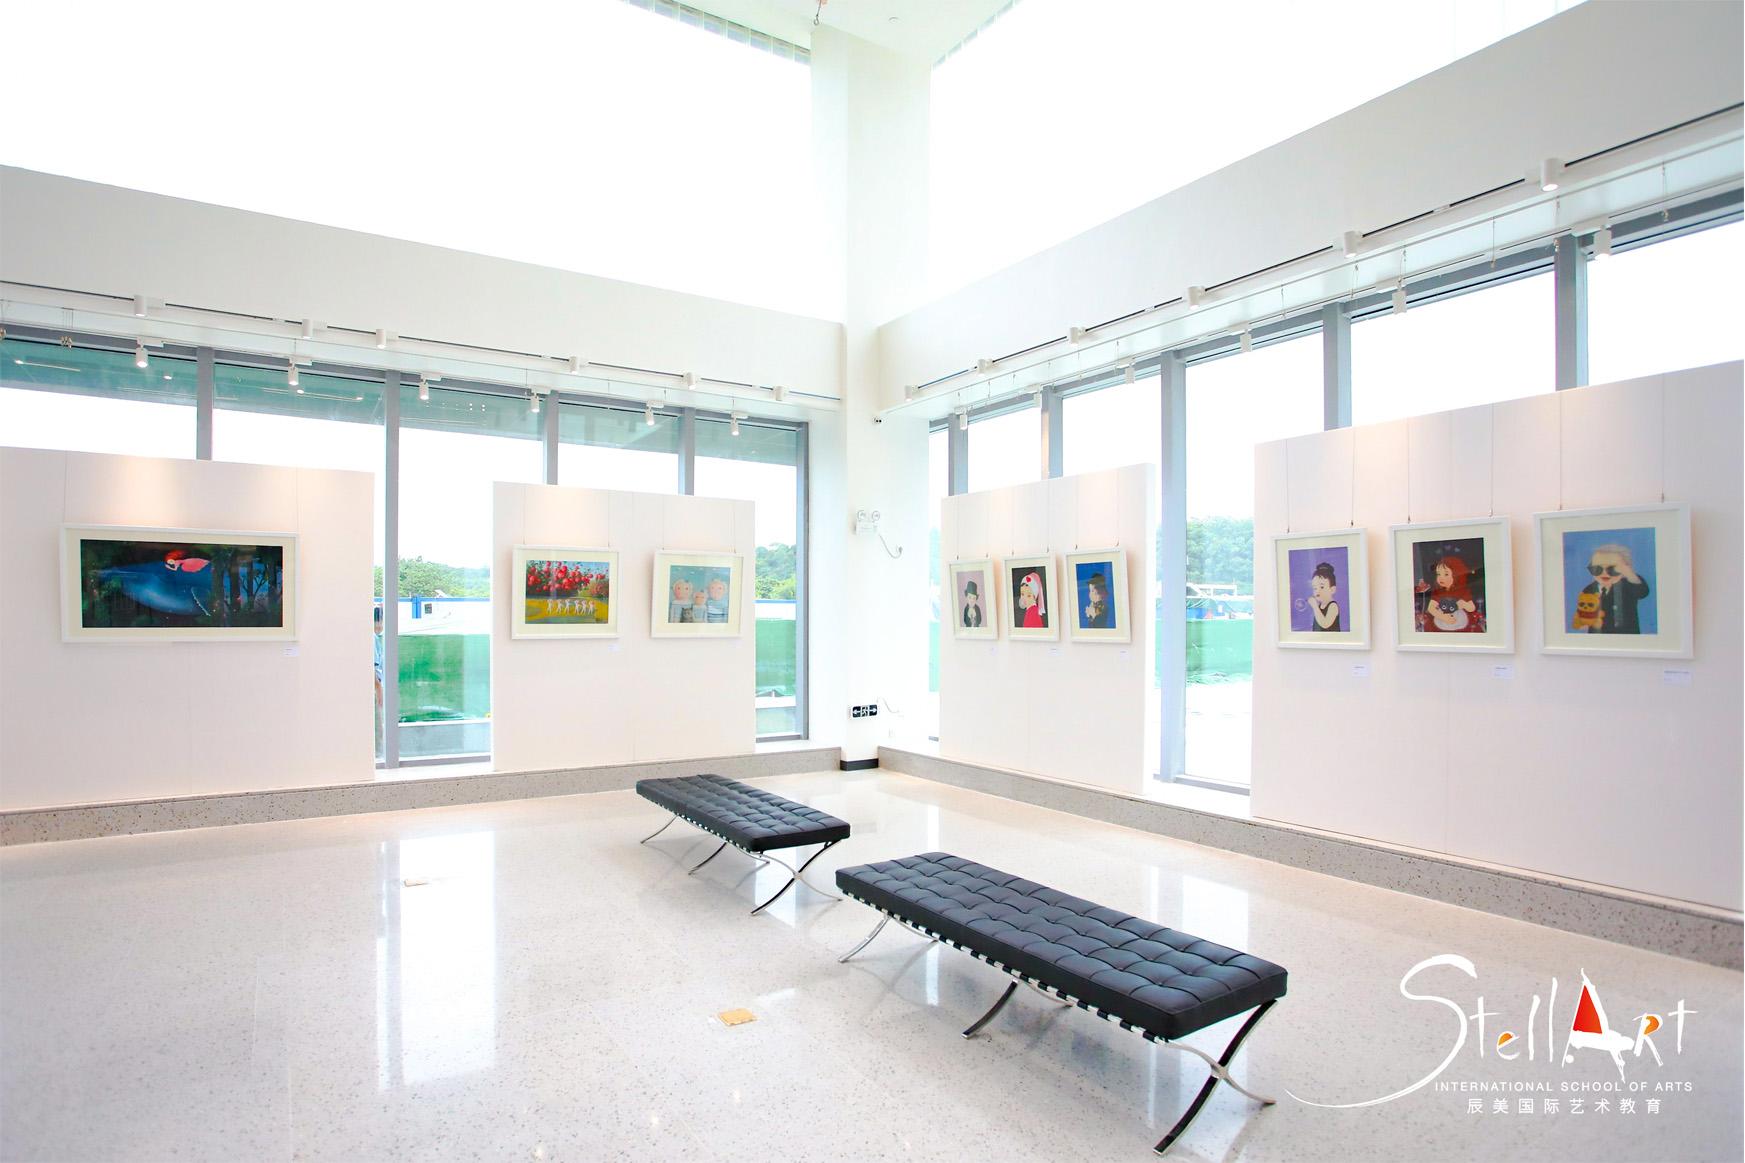 2021辰美國際藝術學院招生簡章